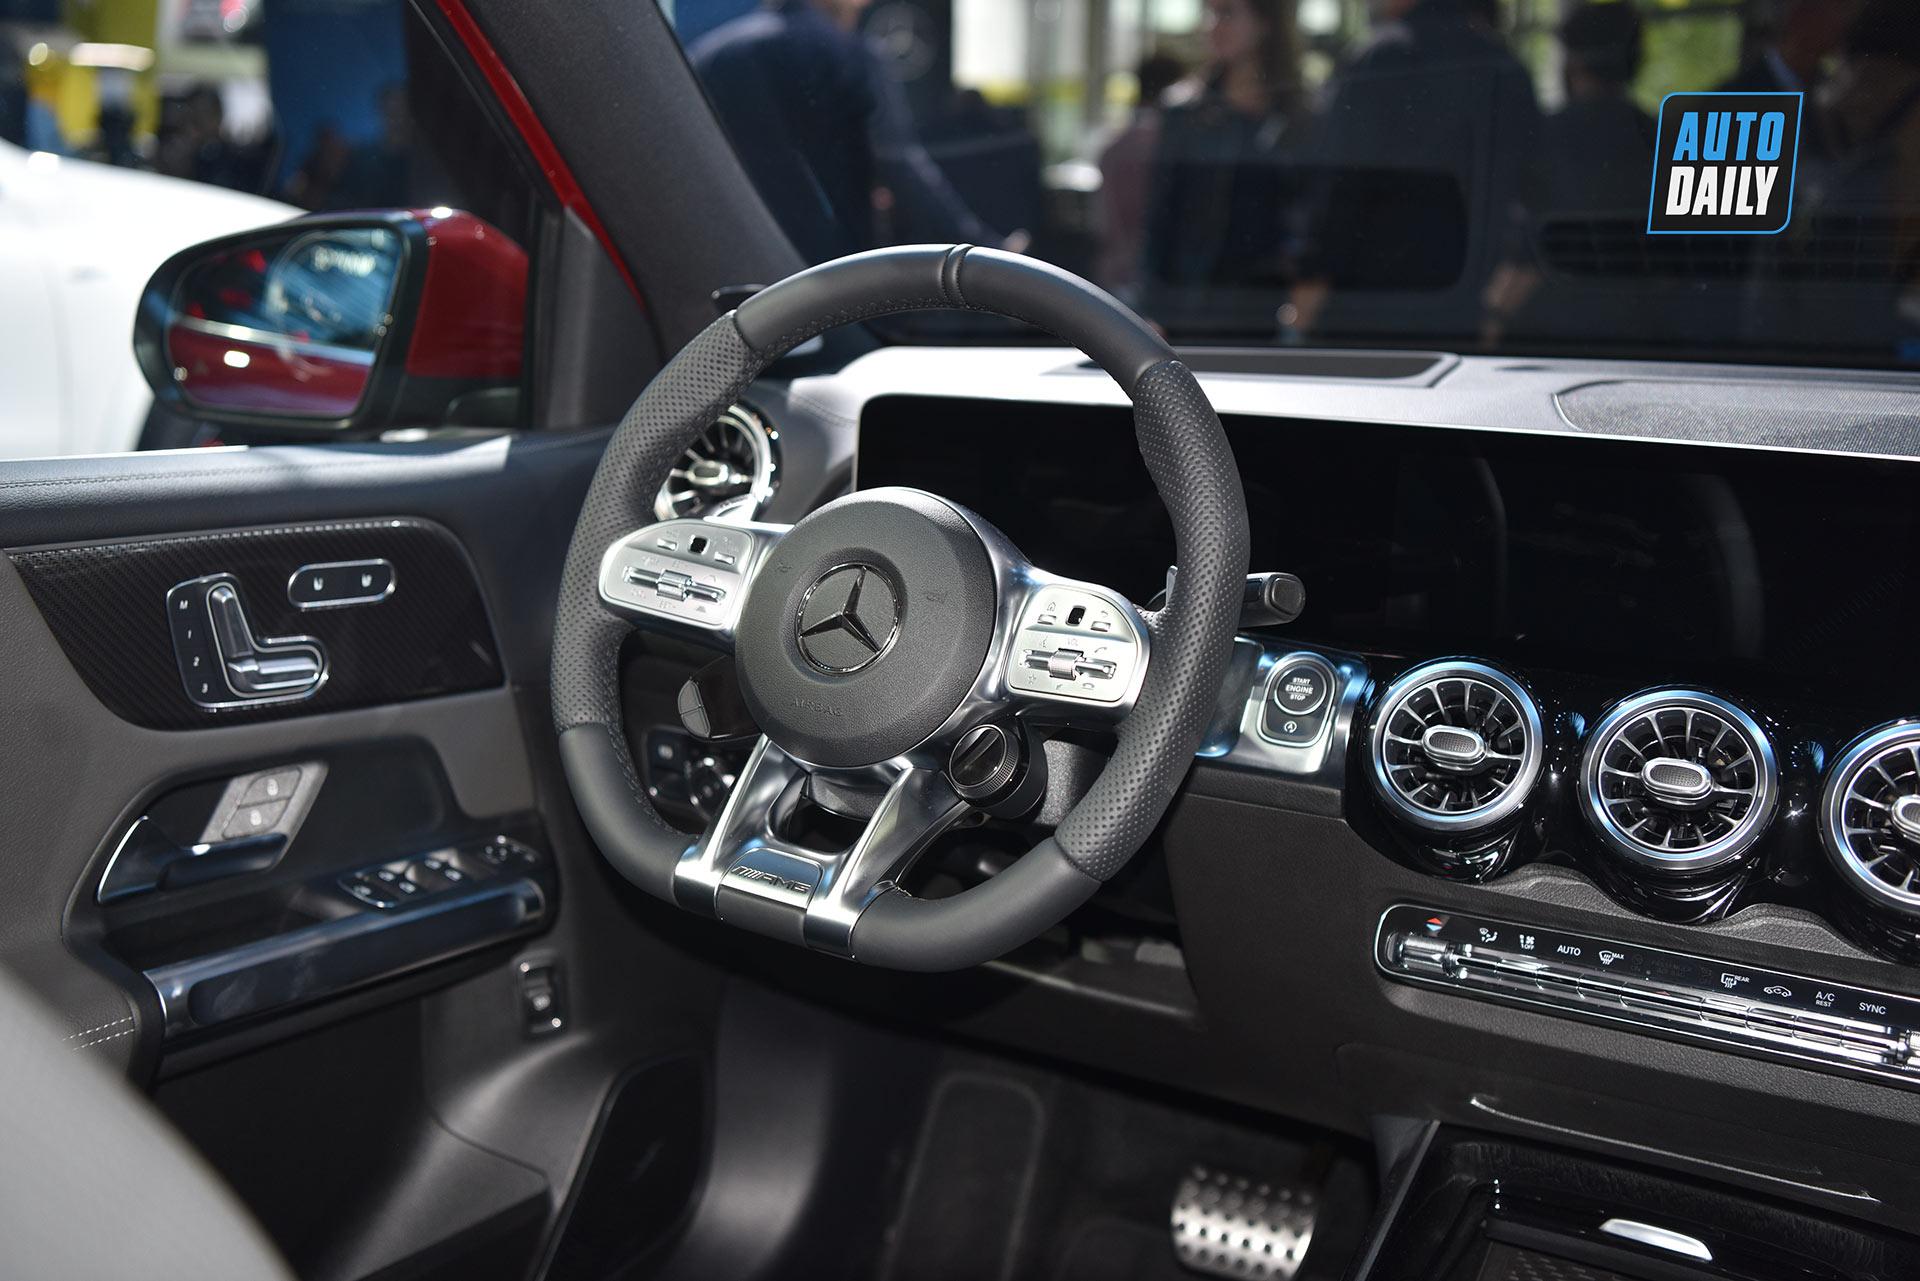 mercedes-glb-2020-autodaily-010.jpg